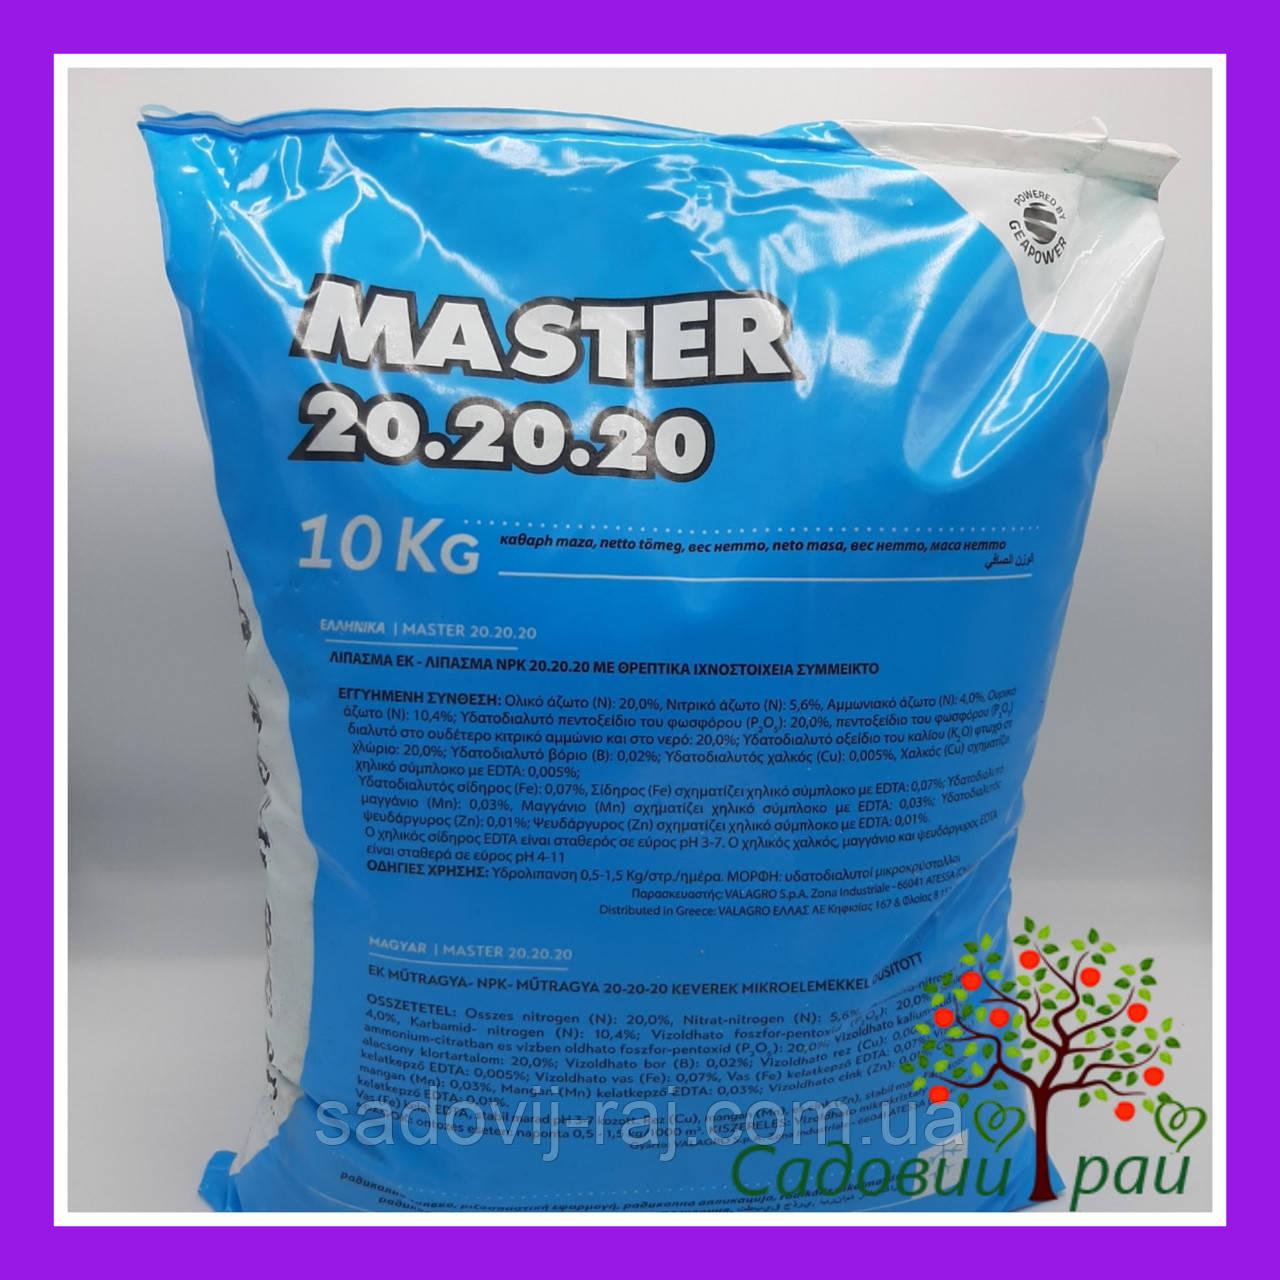 Удобрение Мастер / Master 20+20+20 10 кг Valagro